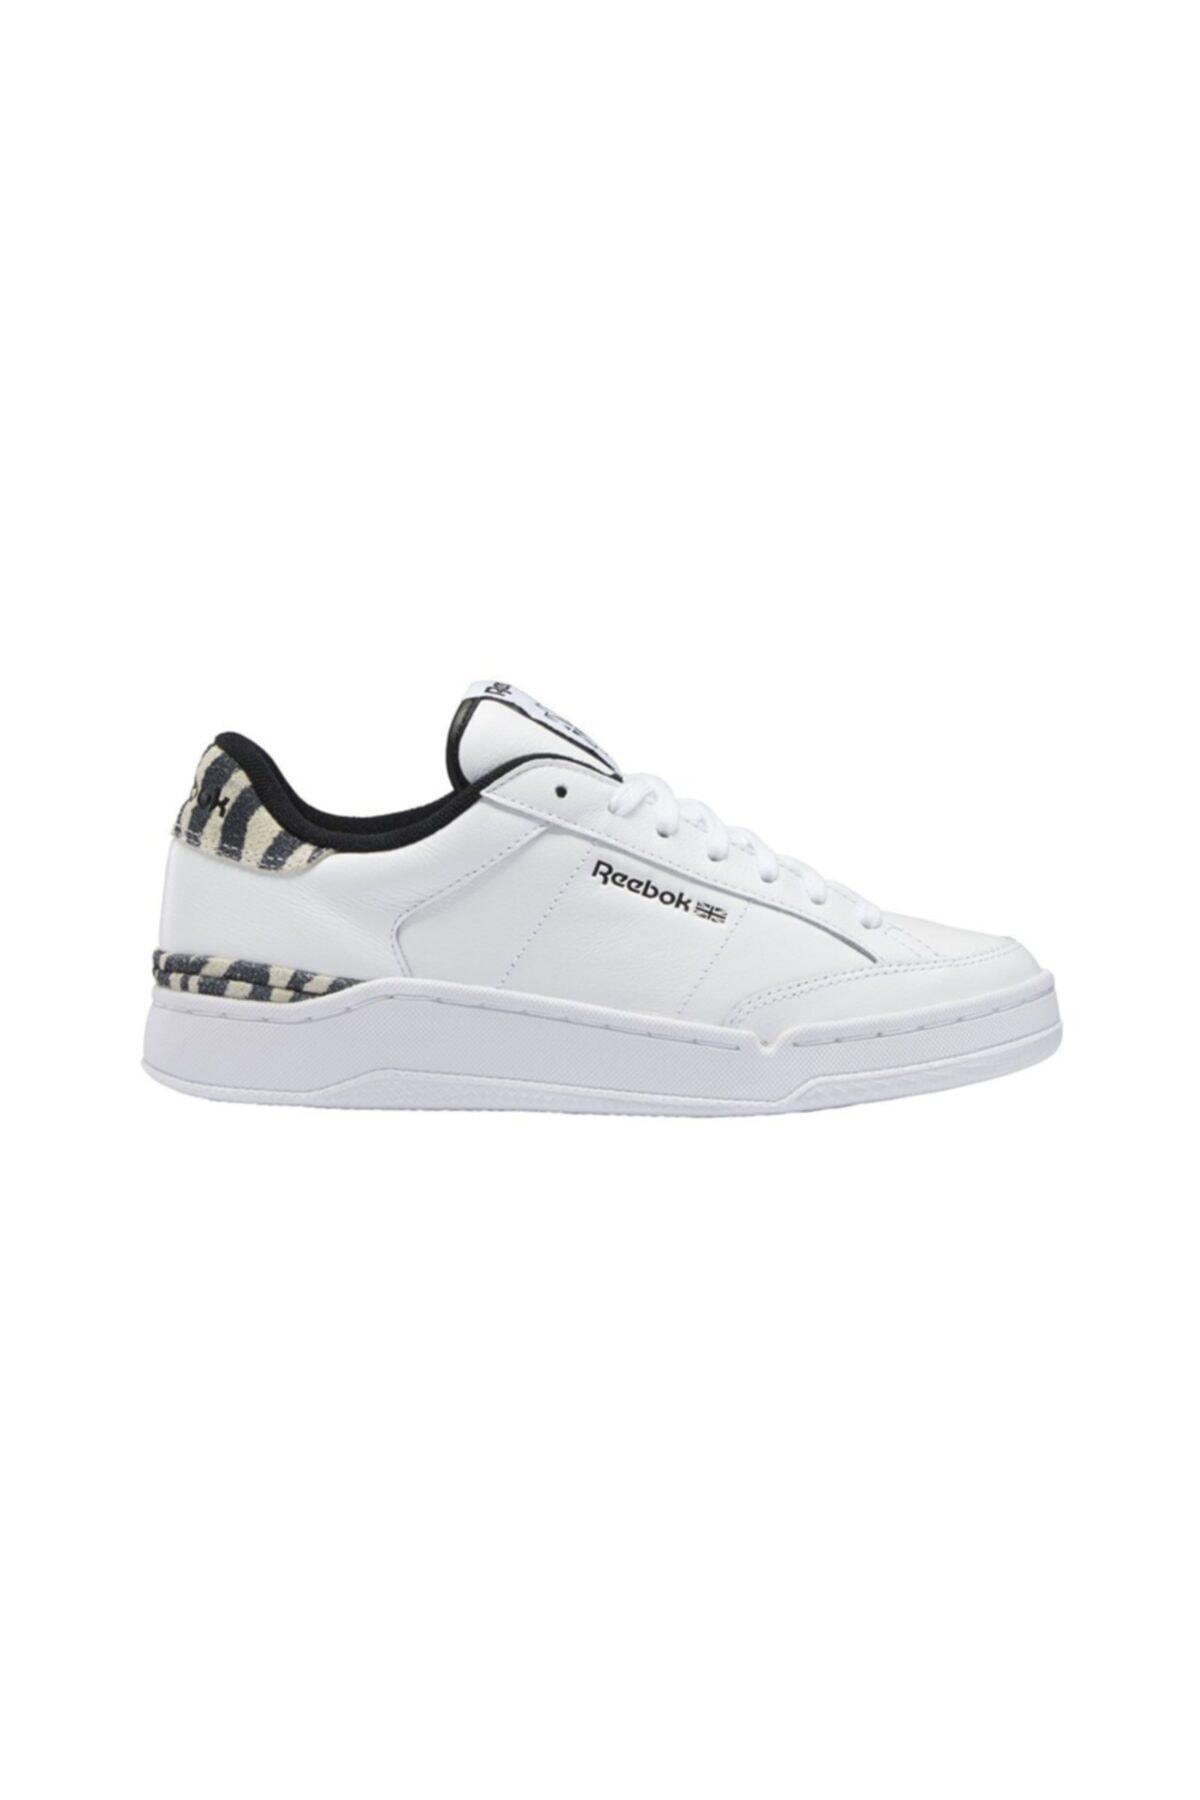 Kadın Beyaz Ad Court Tenis Ayakkabısı